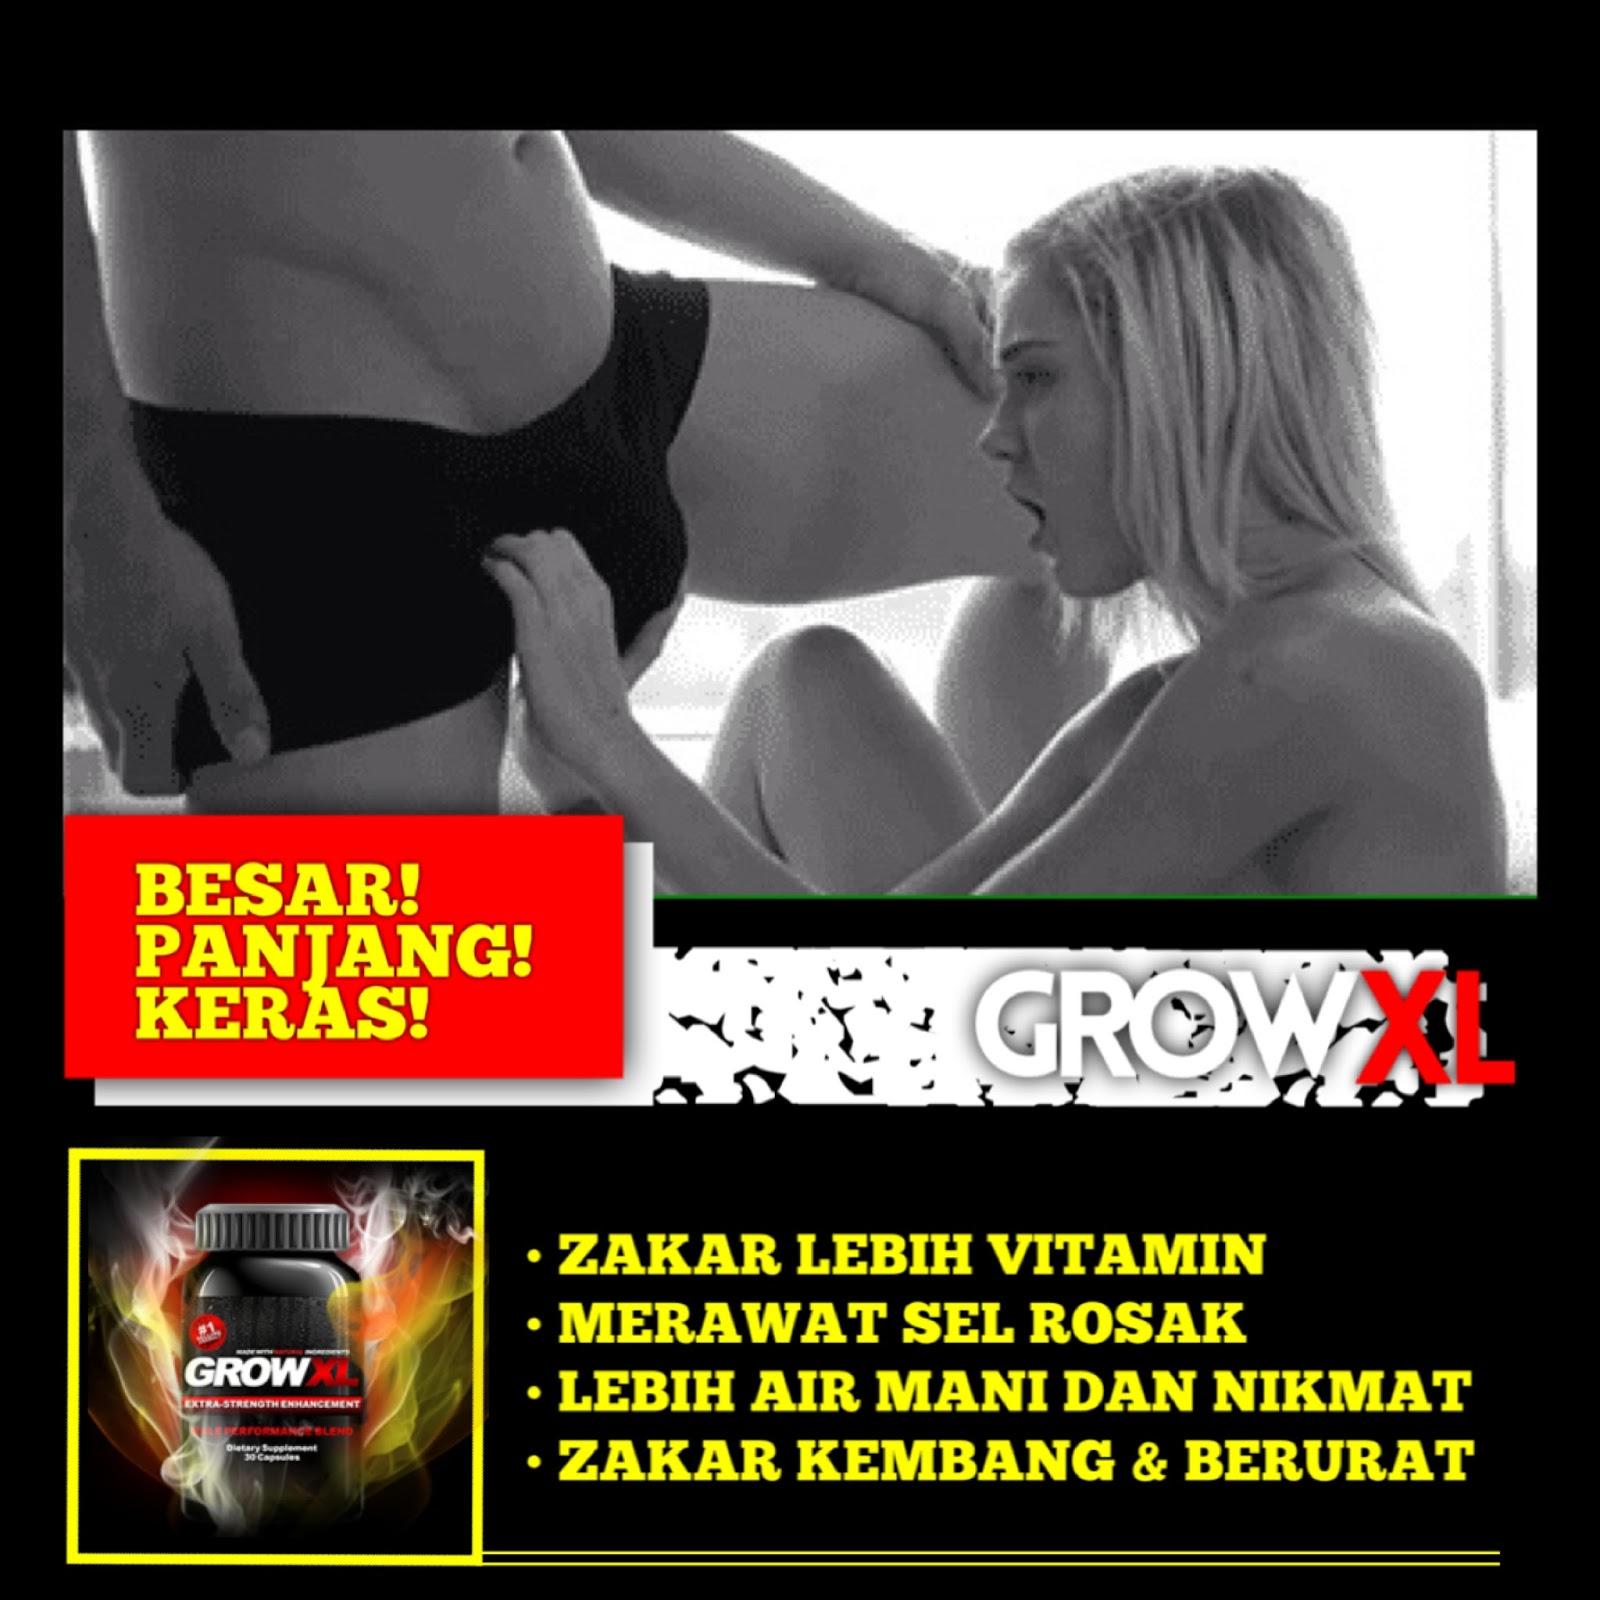 Grow XL : Suppliment Membesarkan Dan Memanjangkan Zakar